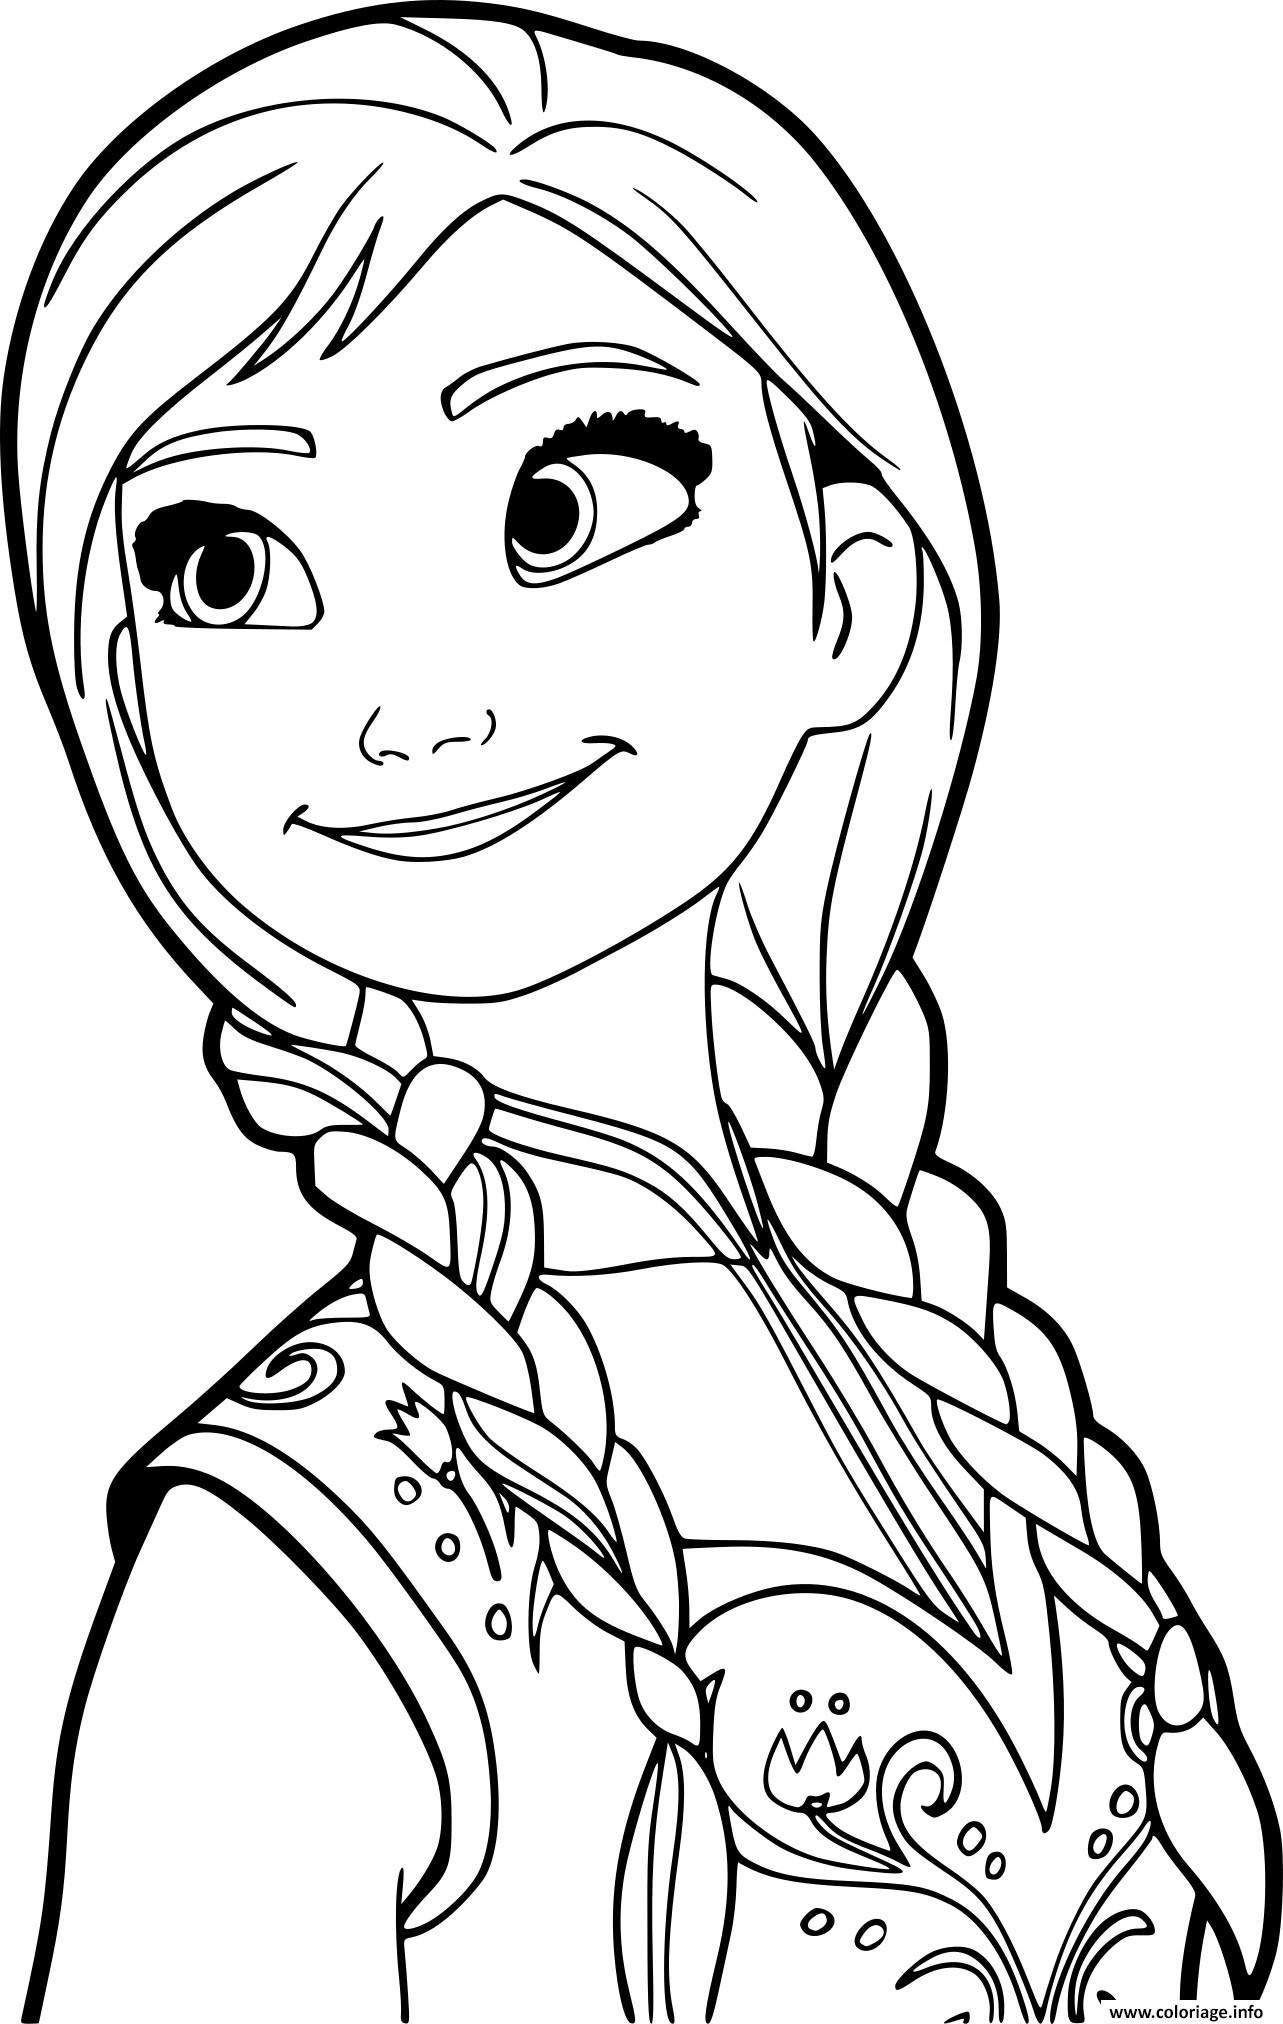 Coloriage princesse anna de la reine des neiges 2 - JeColorie.com